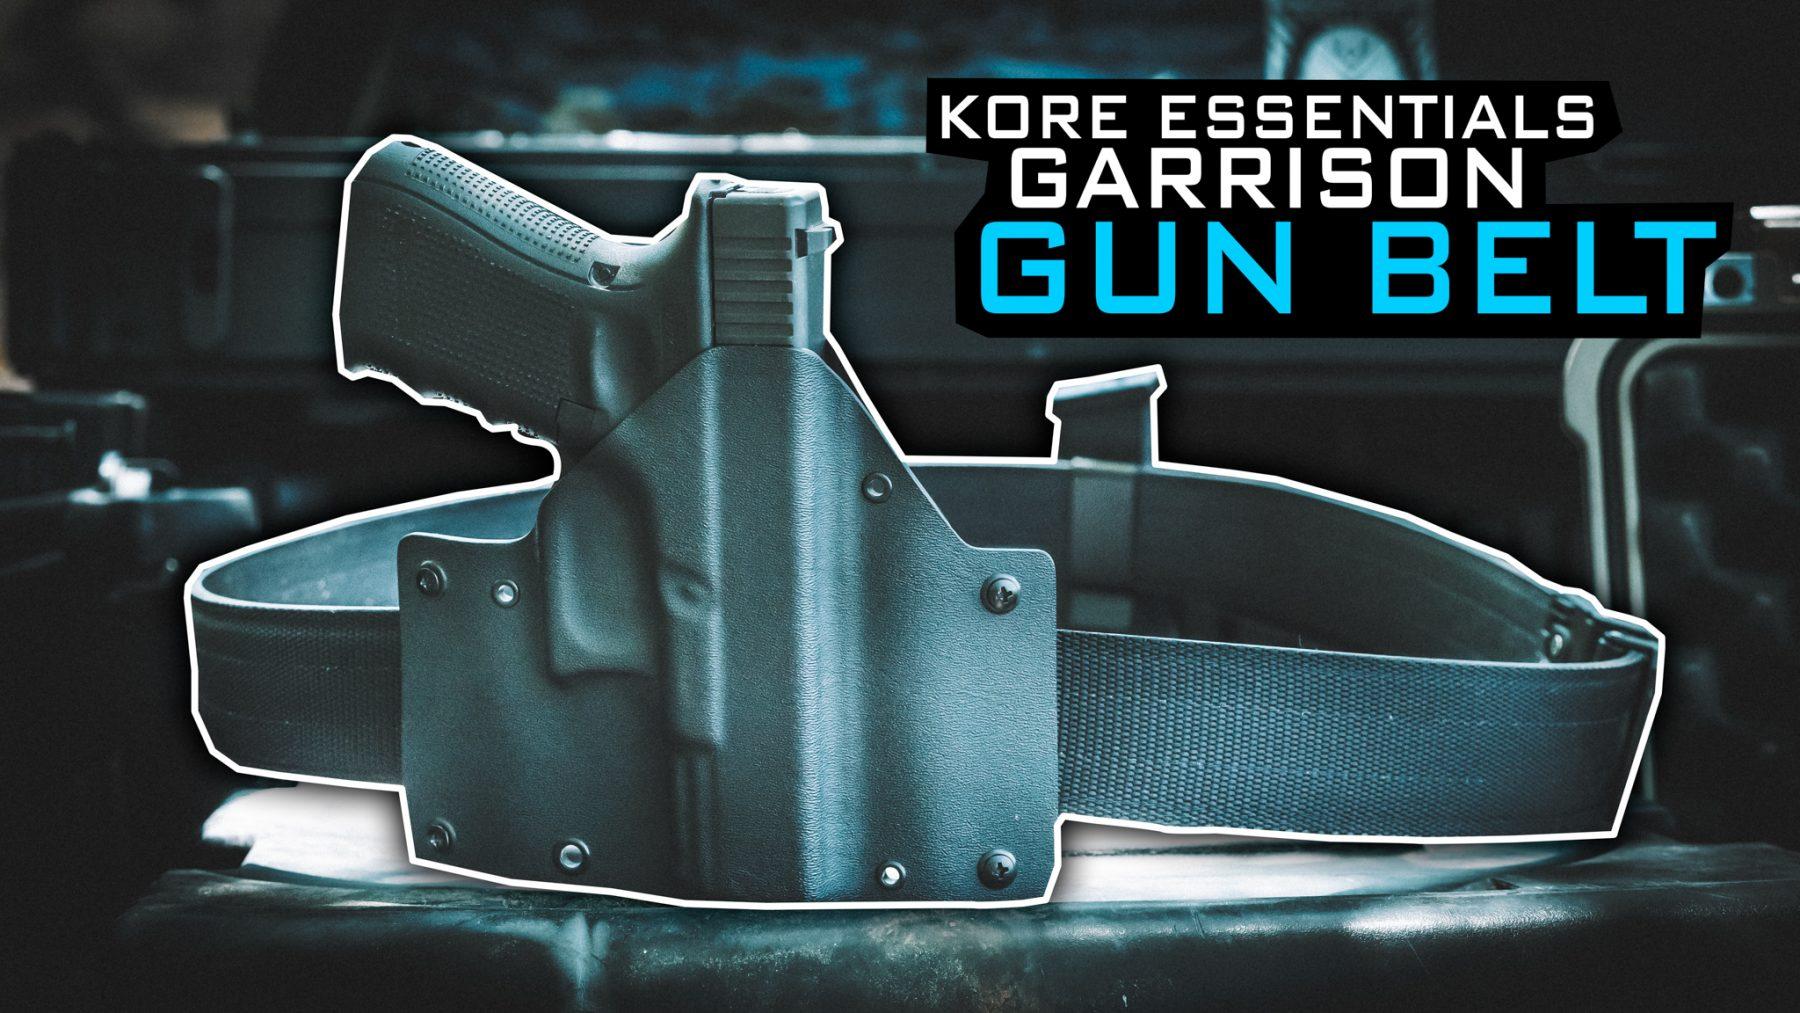 Pew Pew Review Kore Essentials Garrison Gun Belt Edc Ultimate edc belt | by kore essentials™. kore essentials garrison gun belt